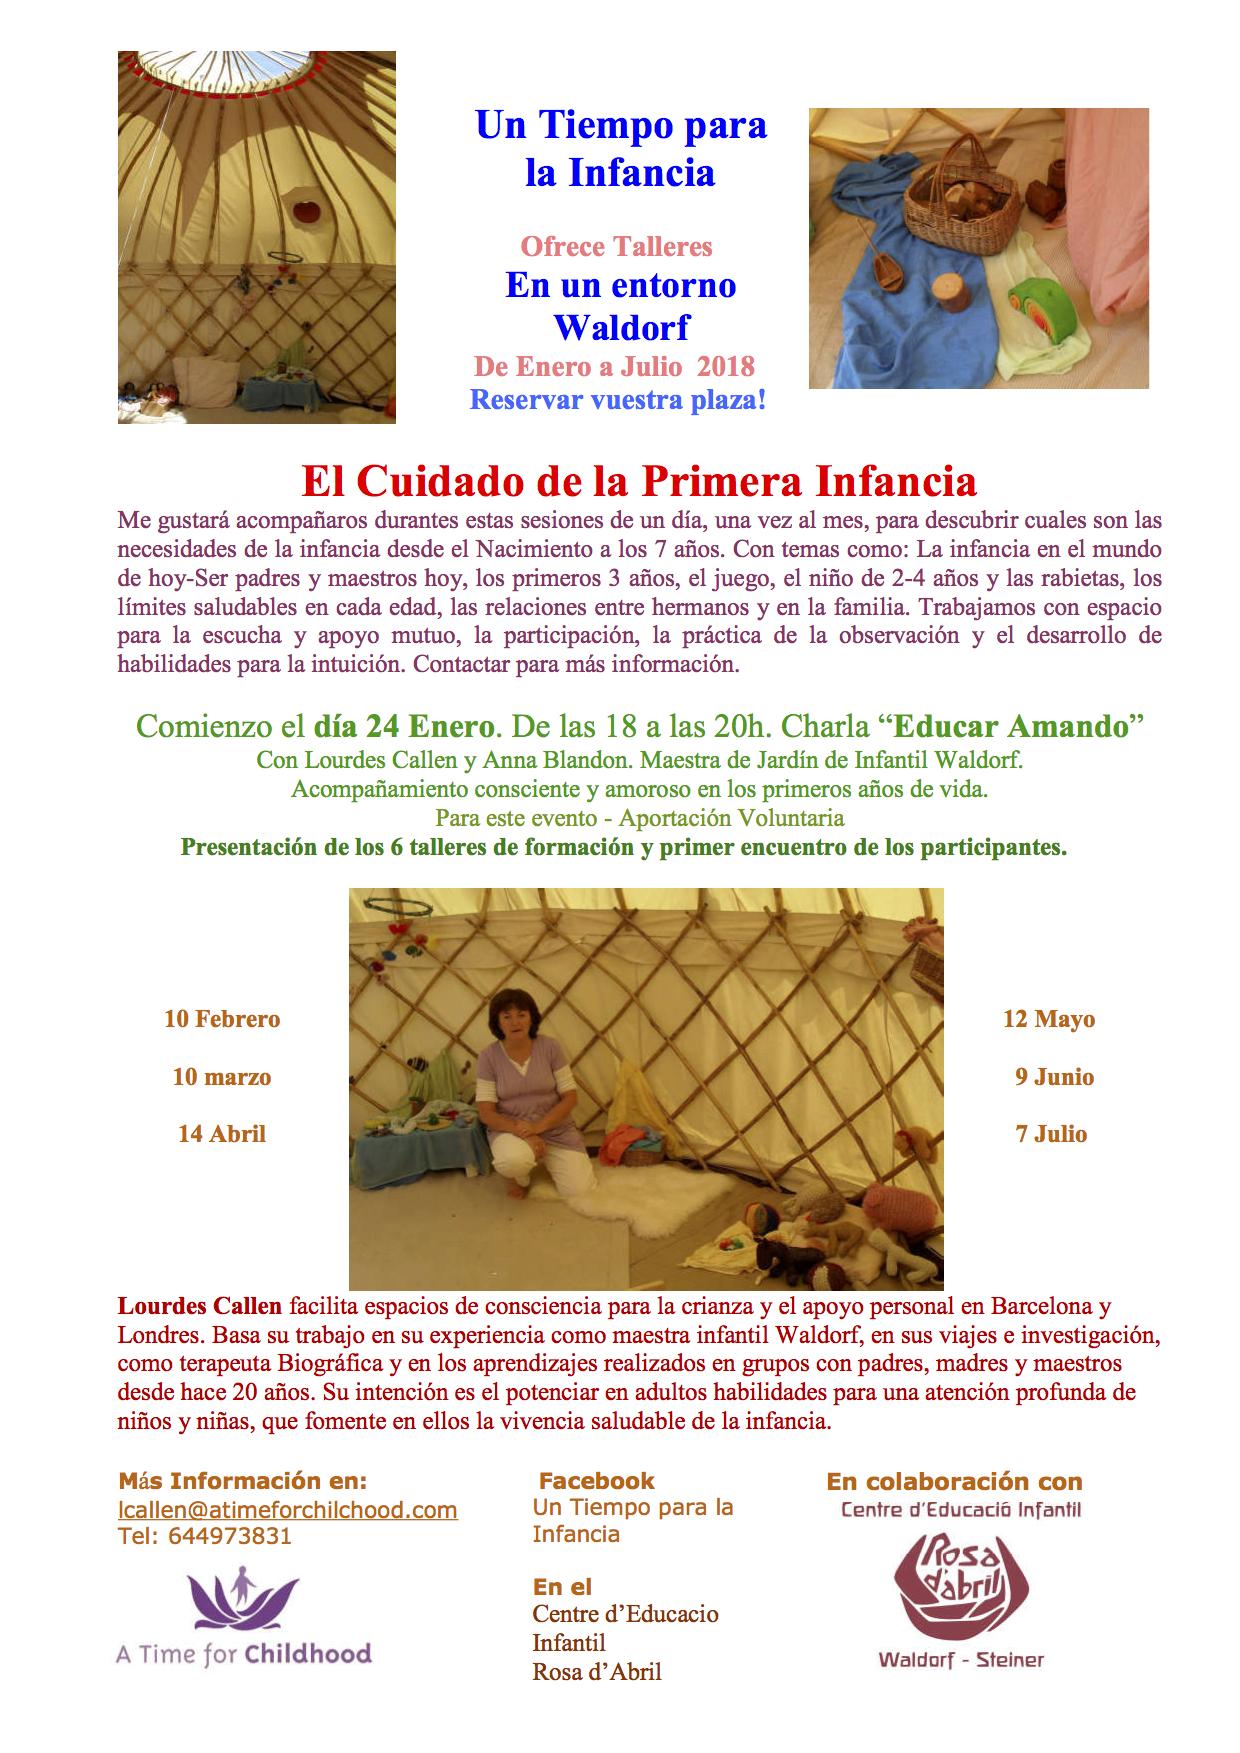 Educar Amando-El cuidado de la Infancia Lourdes Callen 2018jpg